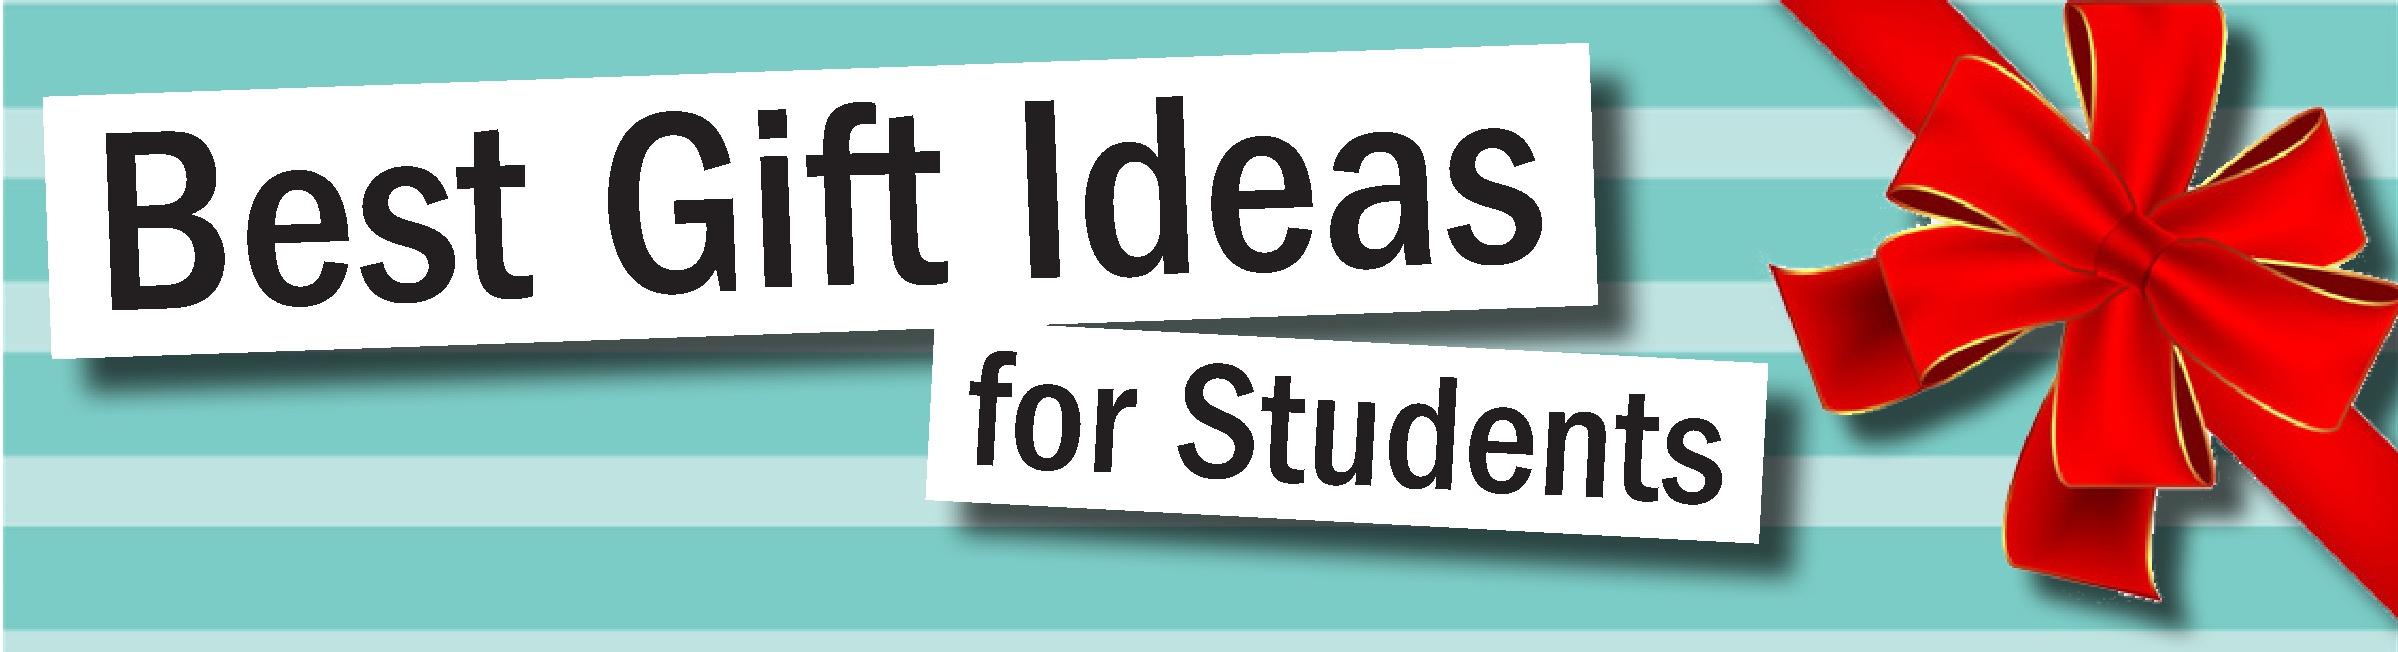 best gift ideas for students banner jjc joliet junior college